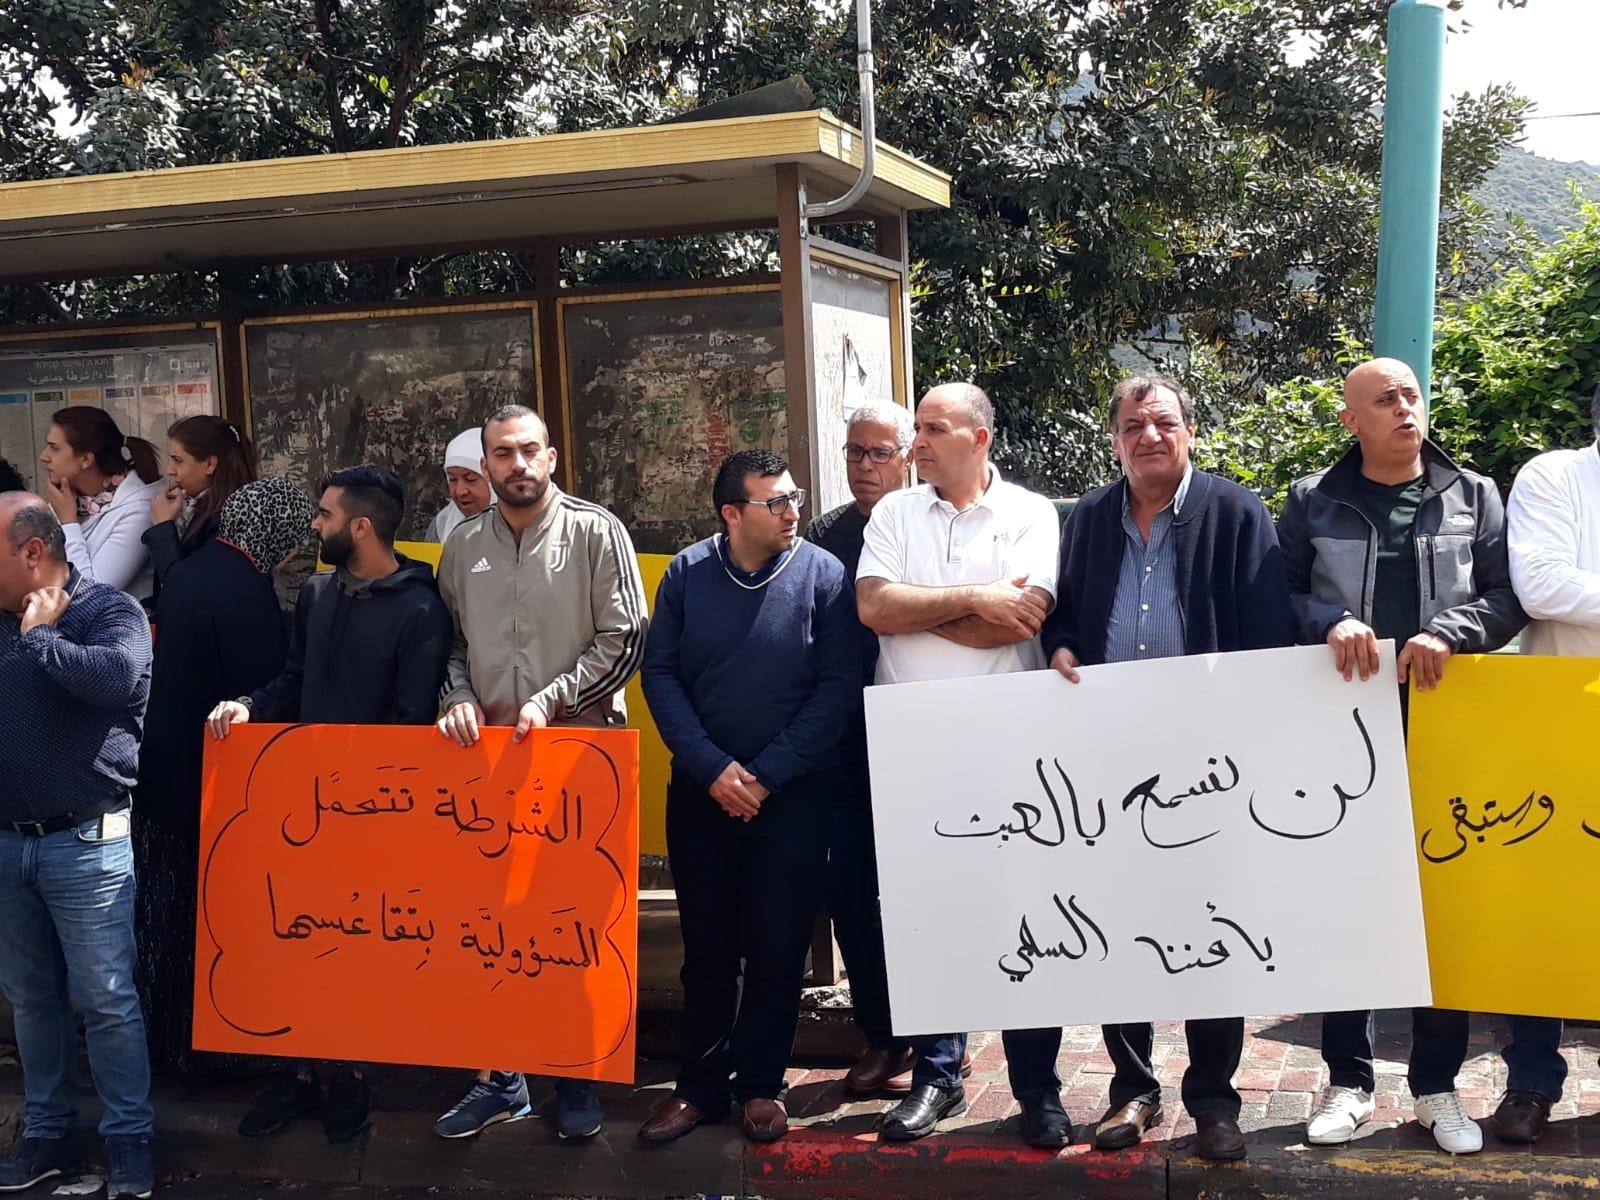 اهالي ديرحنا يتظاهرون ضد العنف